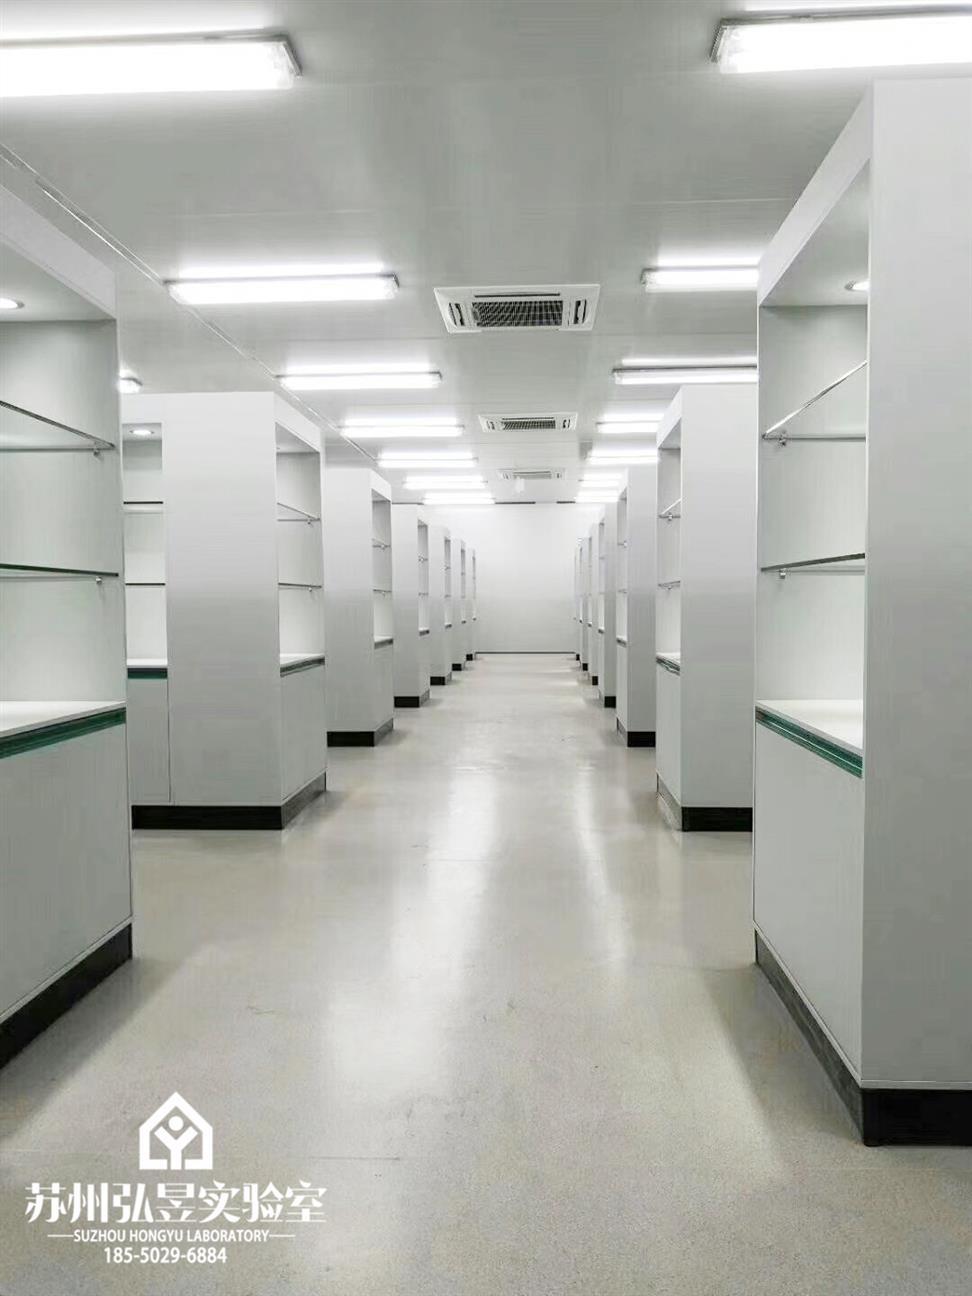 丹东第三方检测实验室台面通风柜生产厂家 耐高温台面 可加工定制